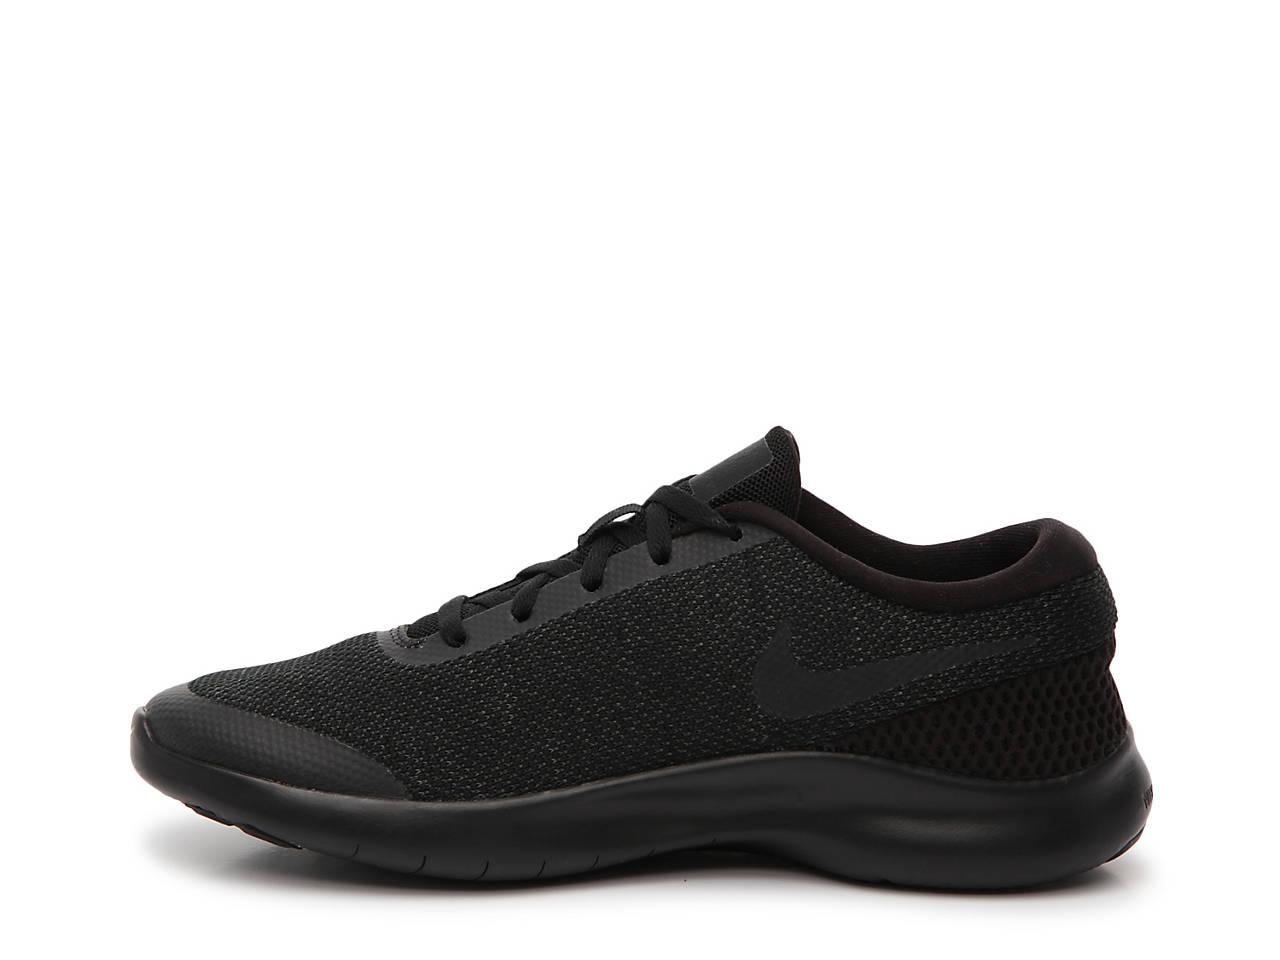 save off 14645 0bced Flex Experience RN 7 Lightweight Running Shoe - Women s. next